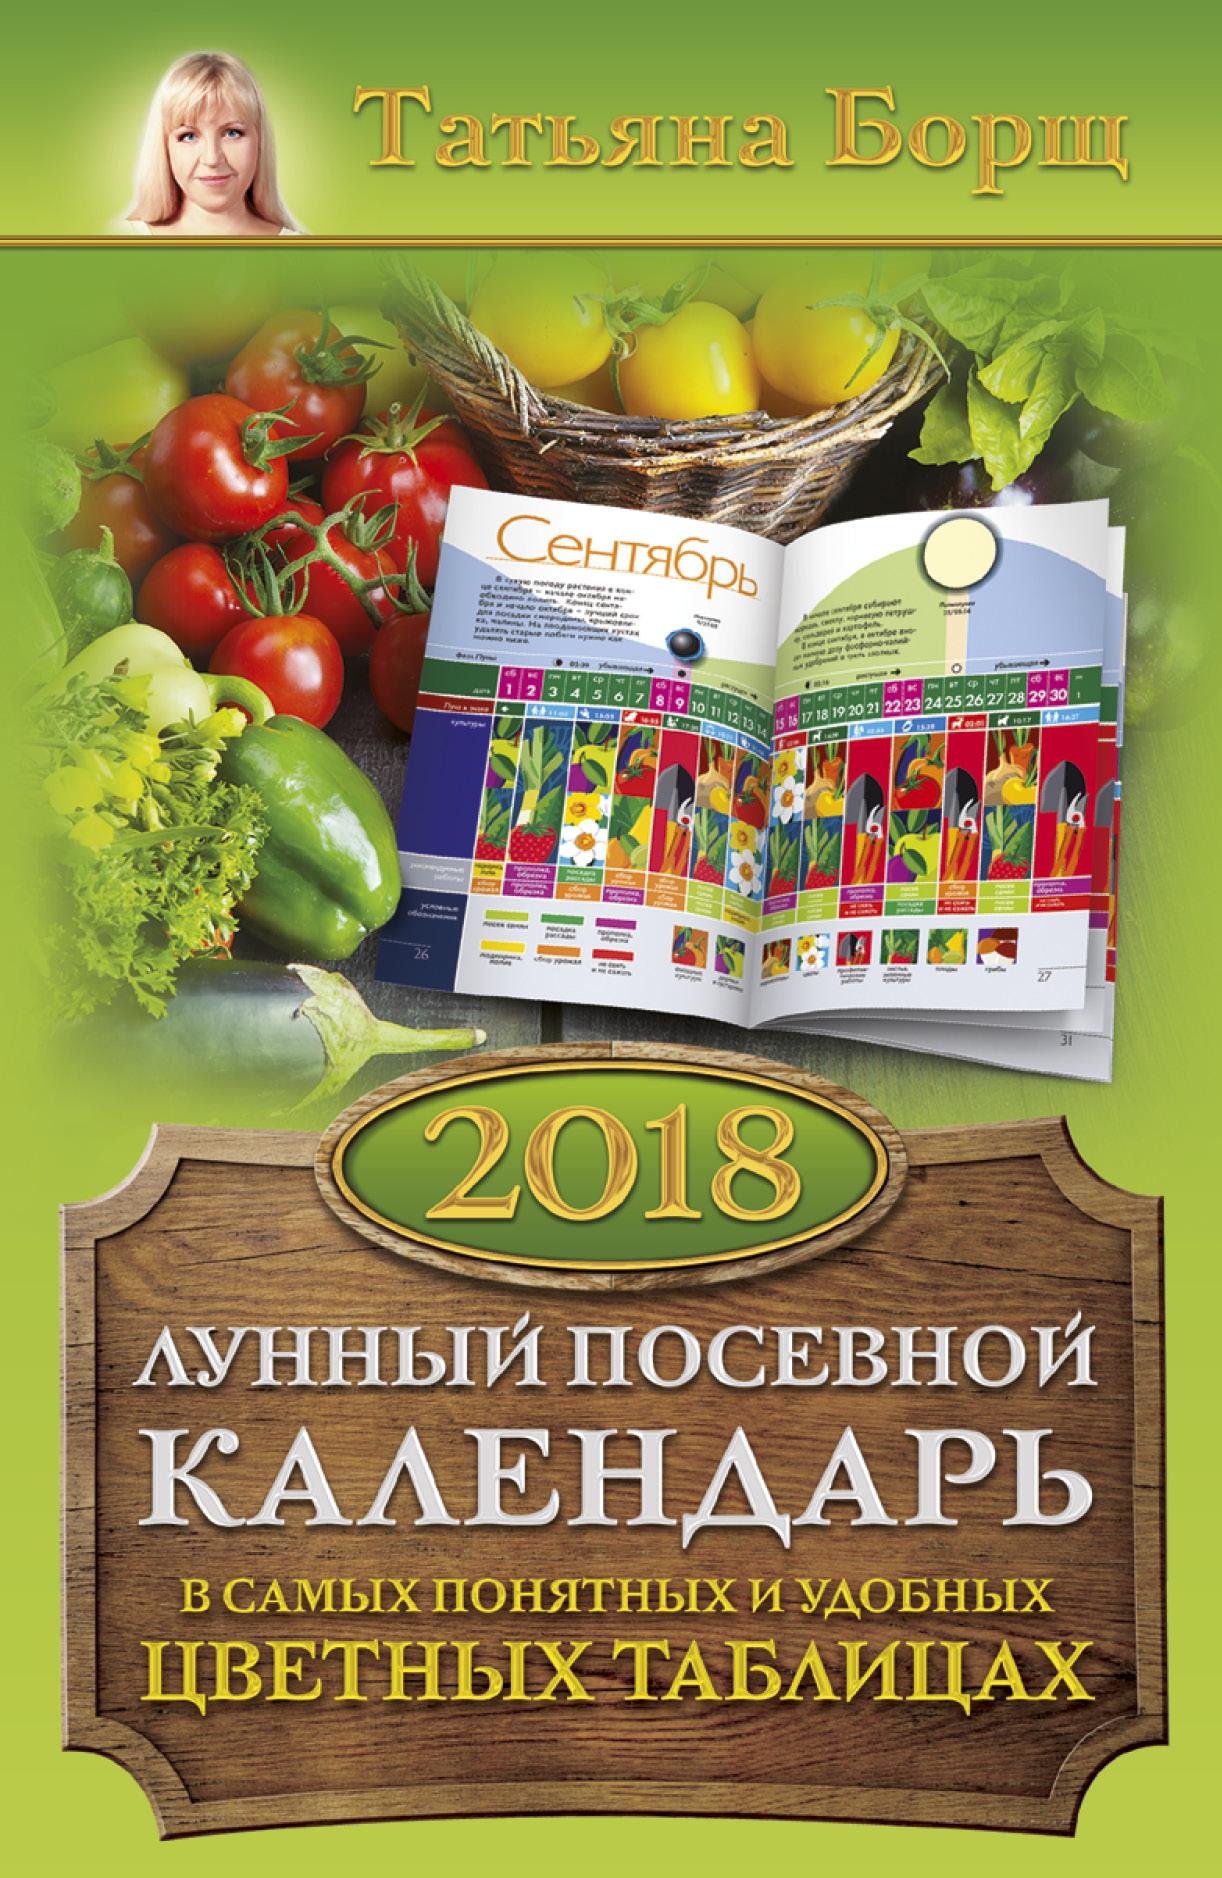 Лунный посевной календарь в самых понятных и удобных цветных таблицах на 2018 год